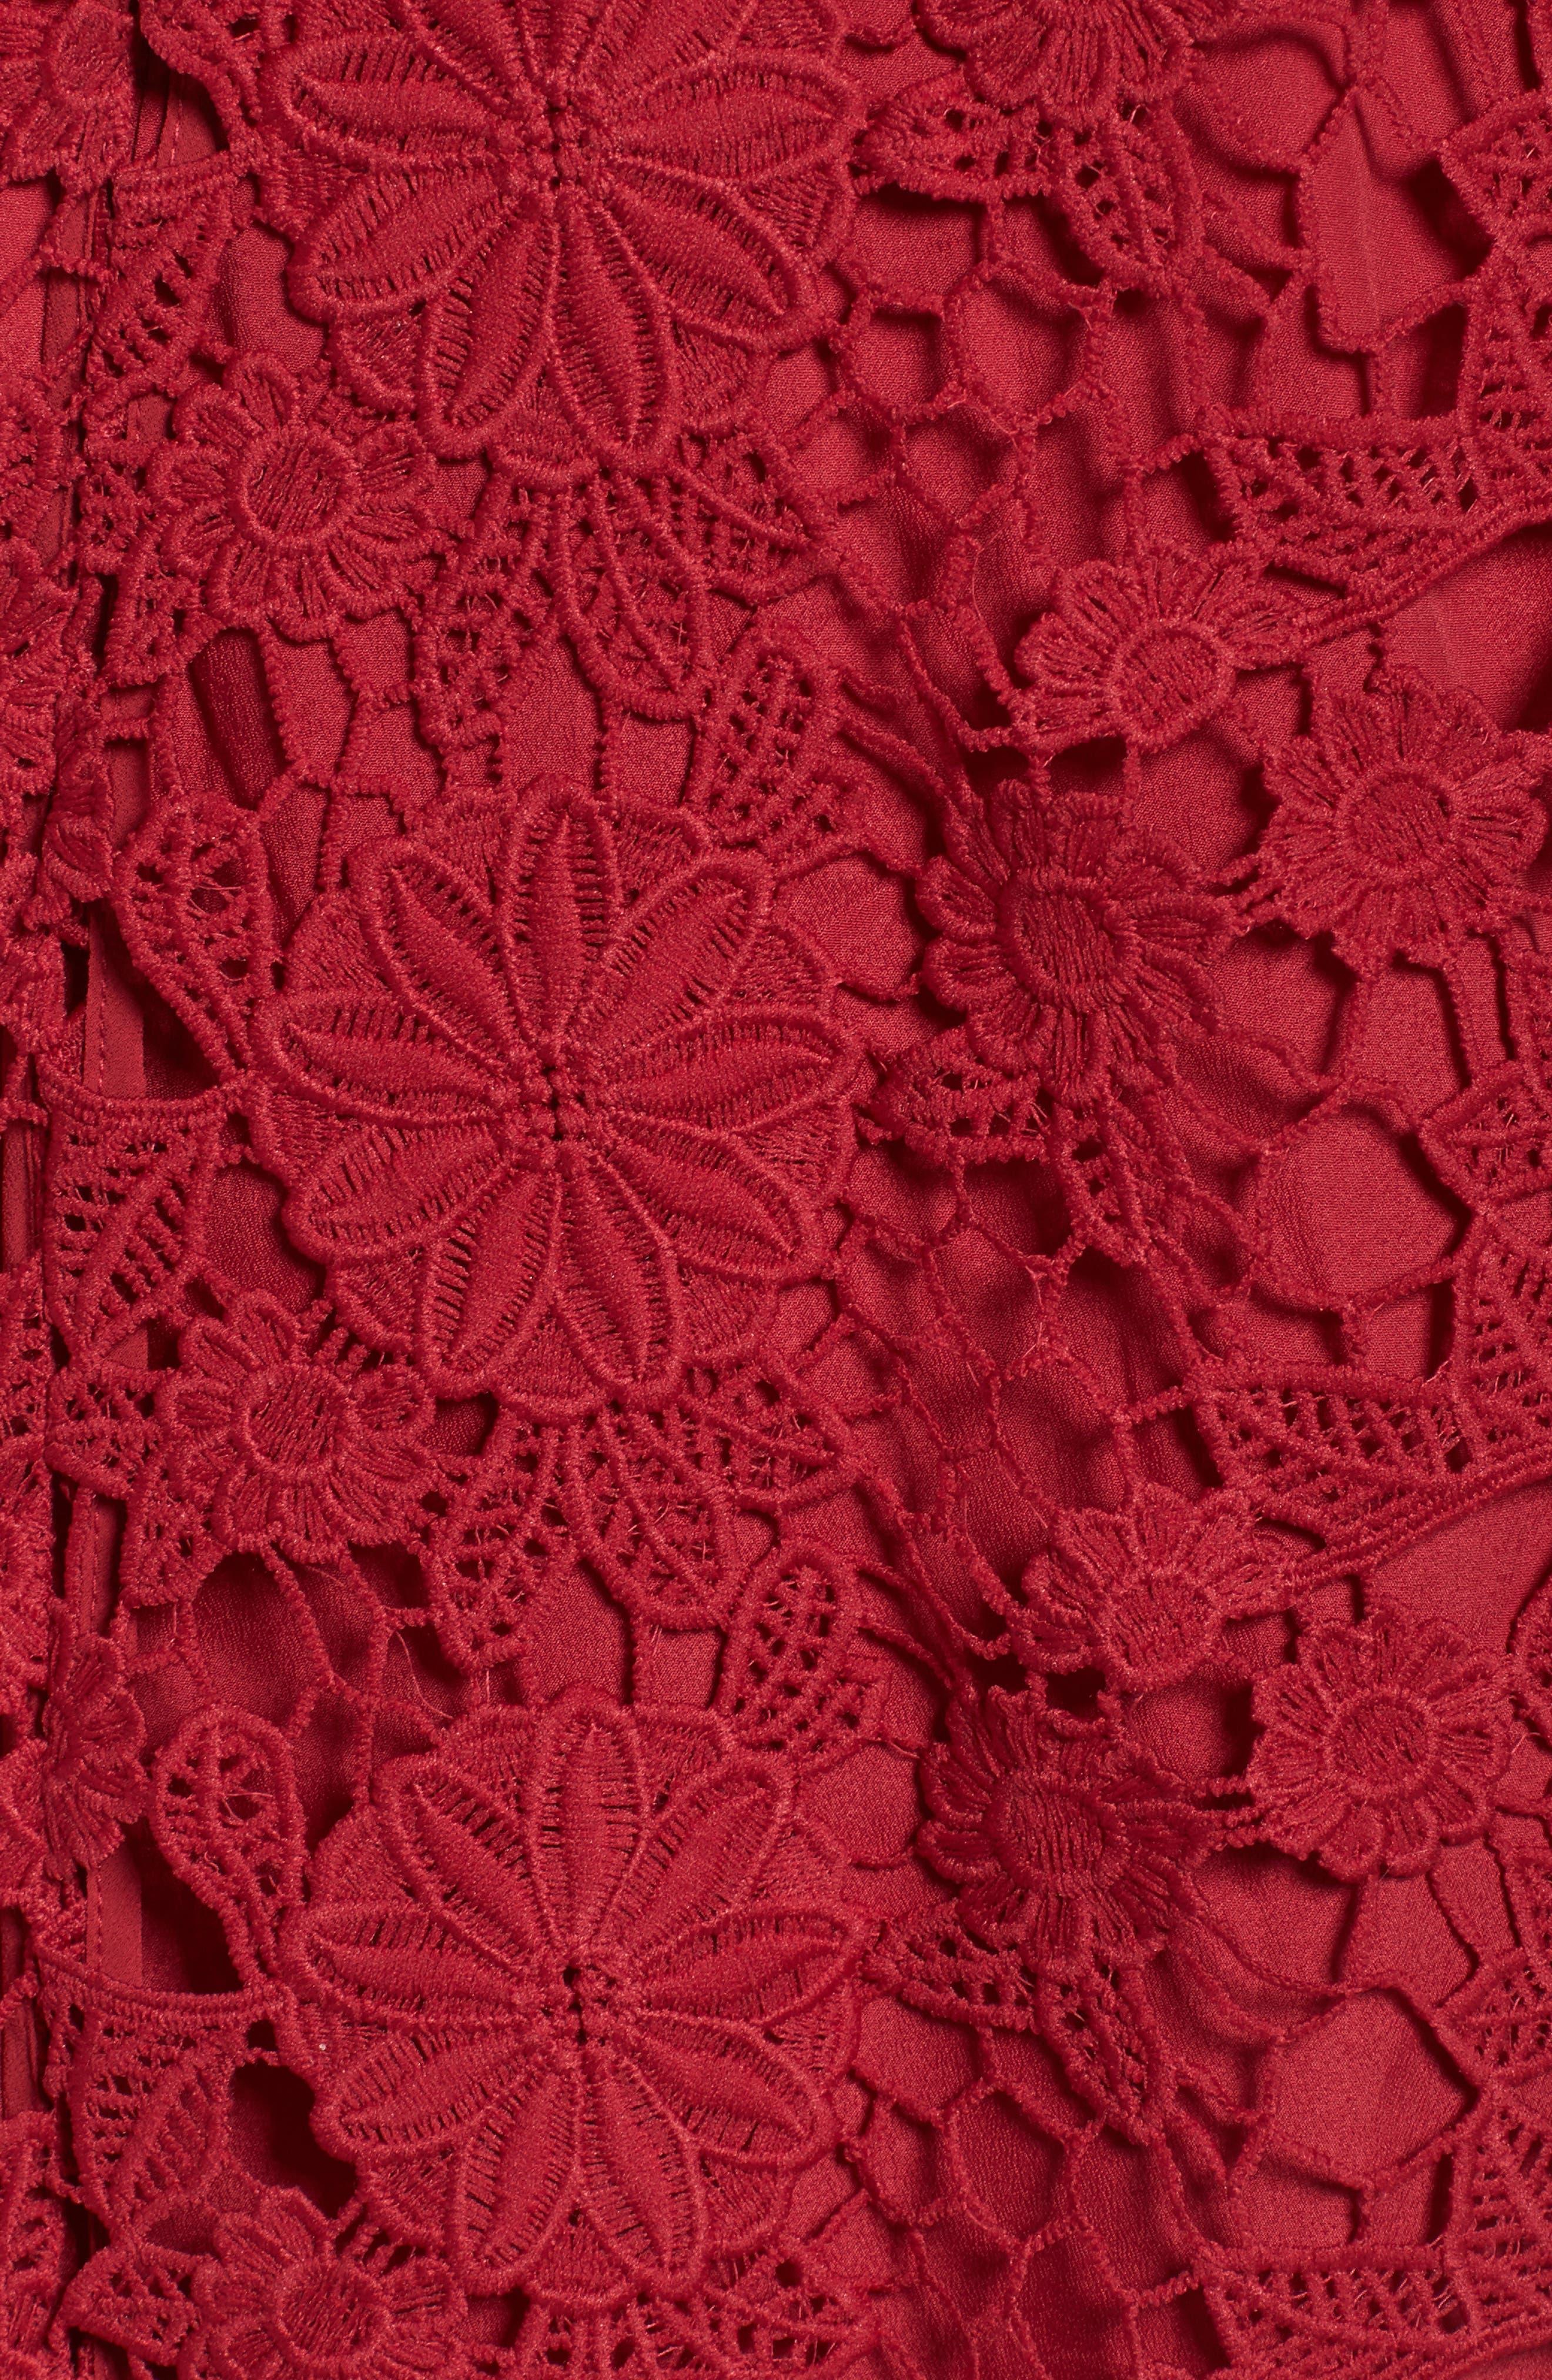 Frameless Ruffle Crochet Gown,                             Alternate thumbnail 5, color,                             621